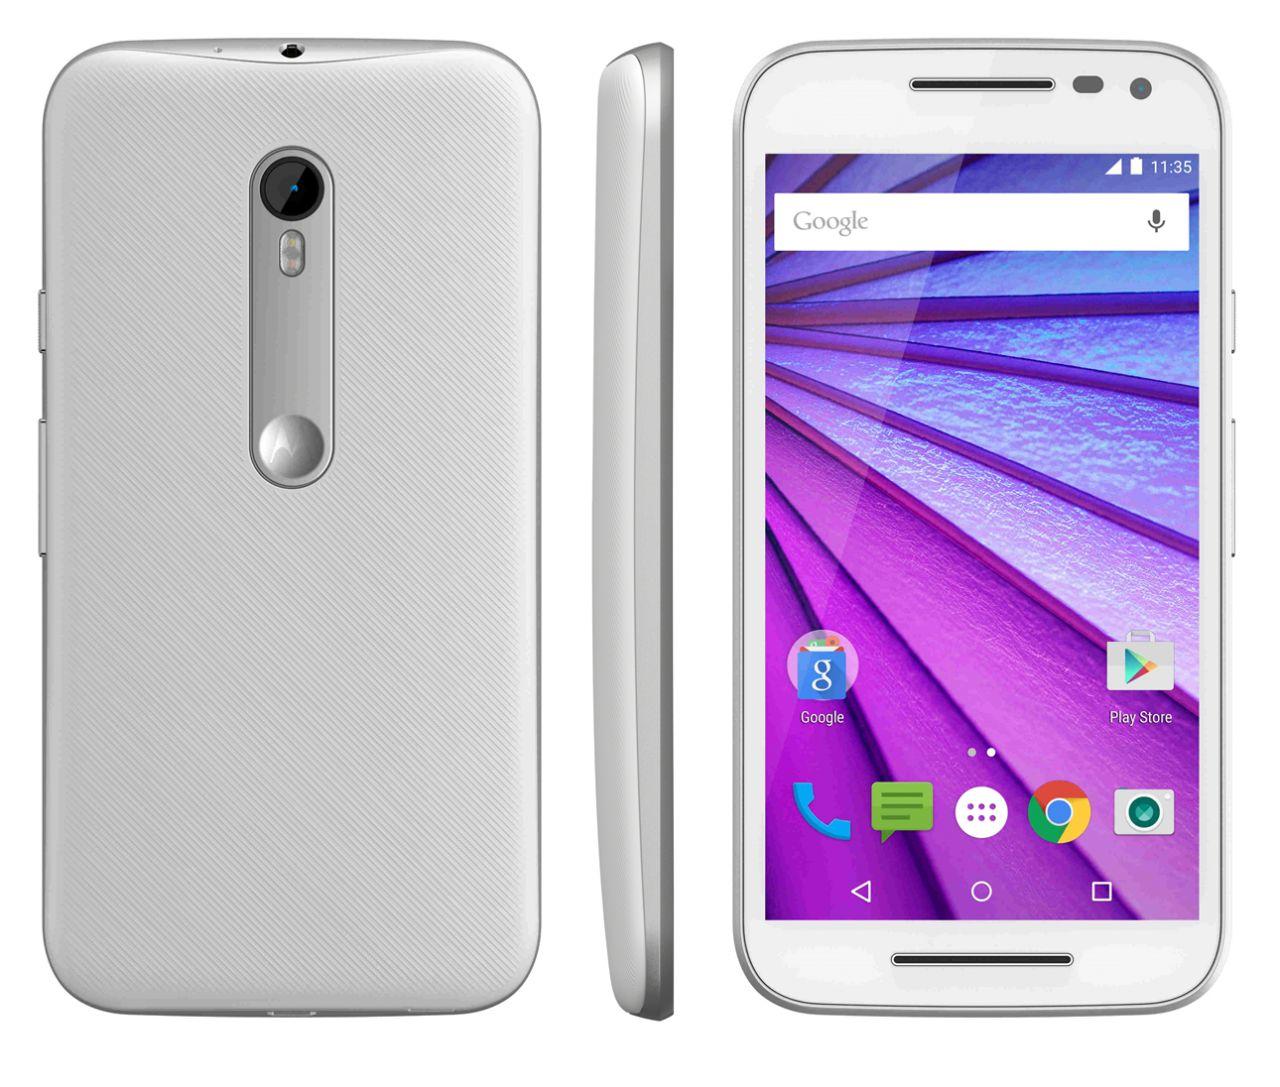 Motorola Moto G (3rd Gen) Price In Bangladesh 2019 & Full